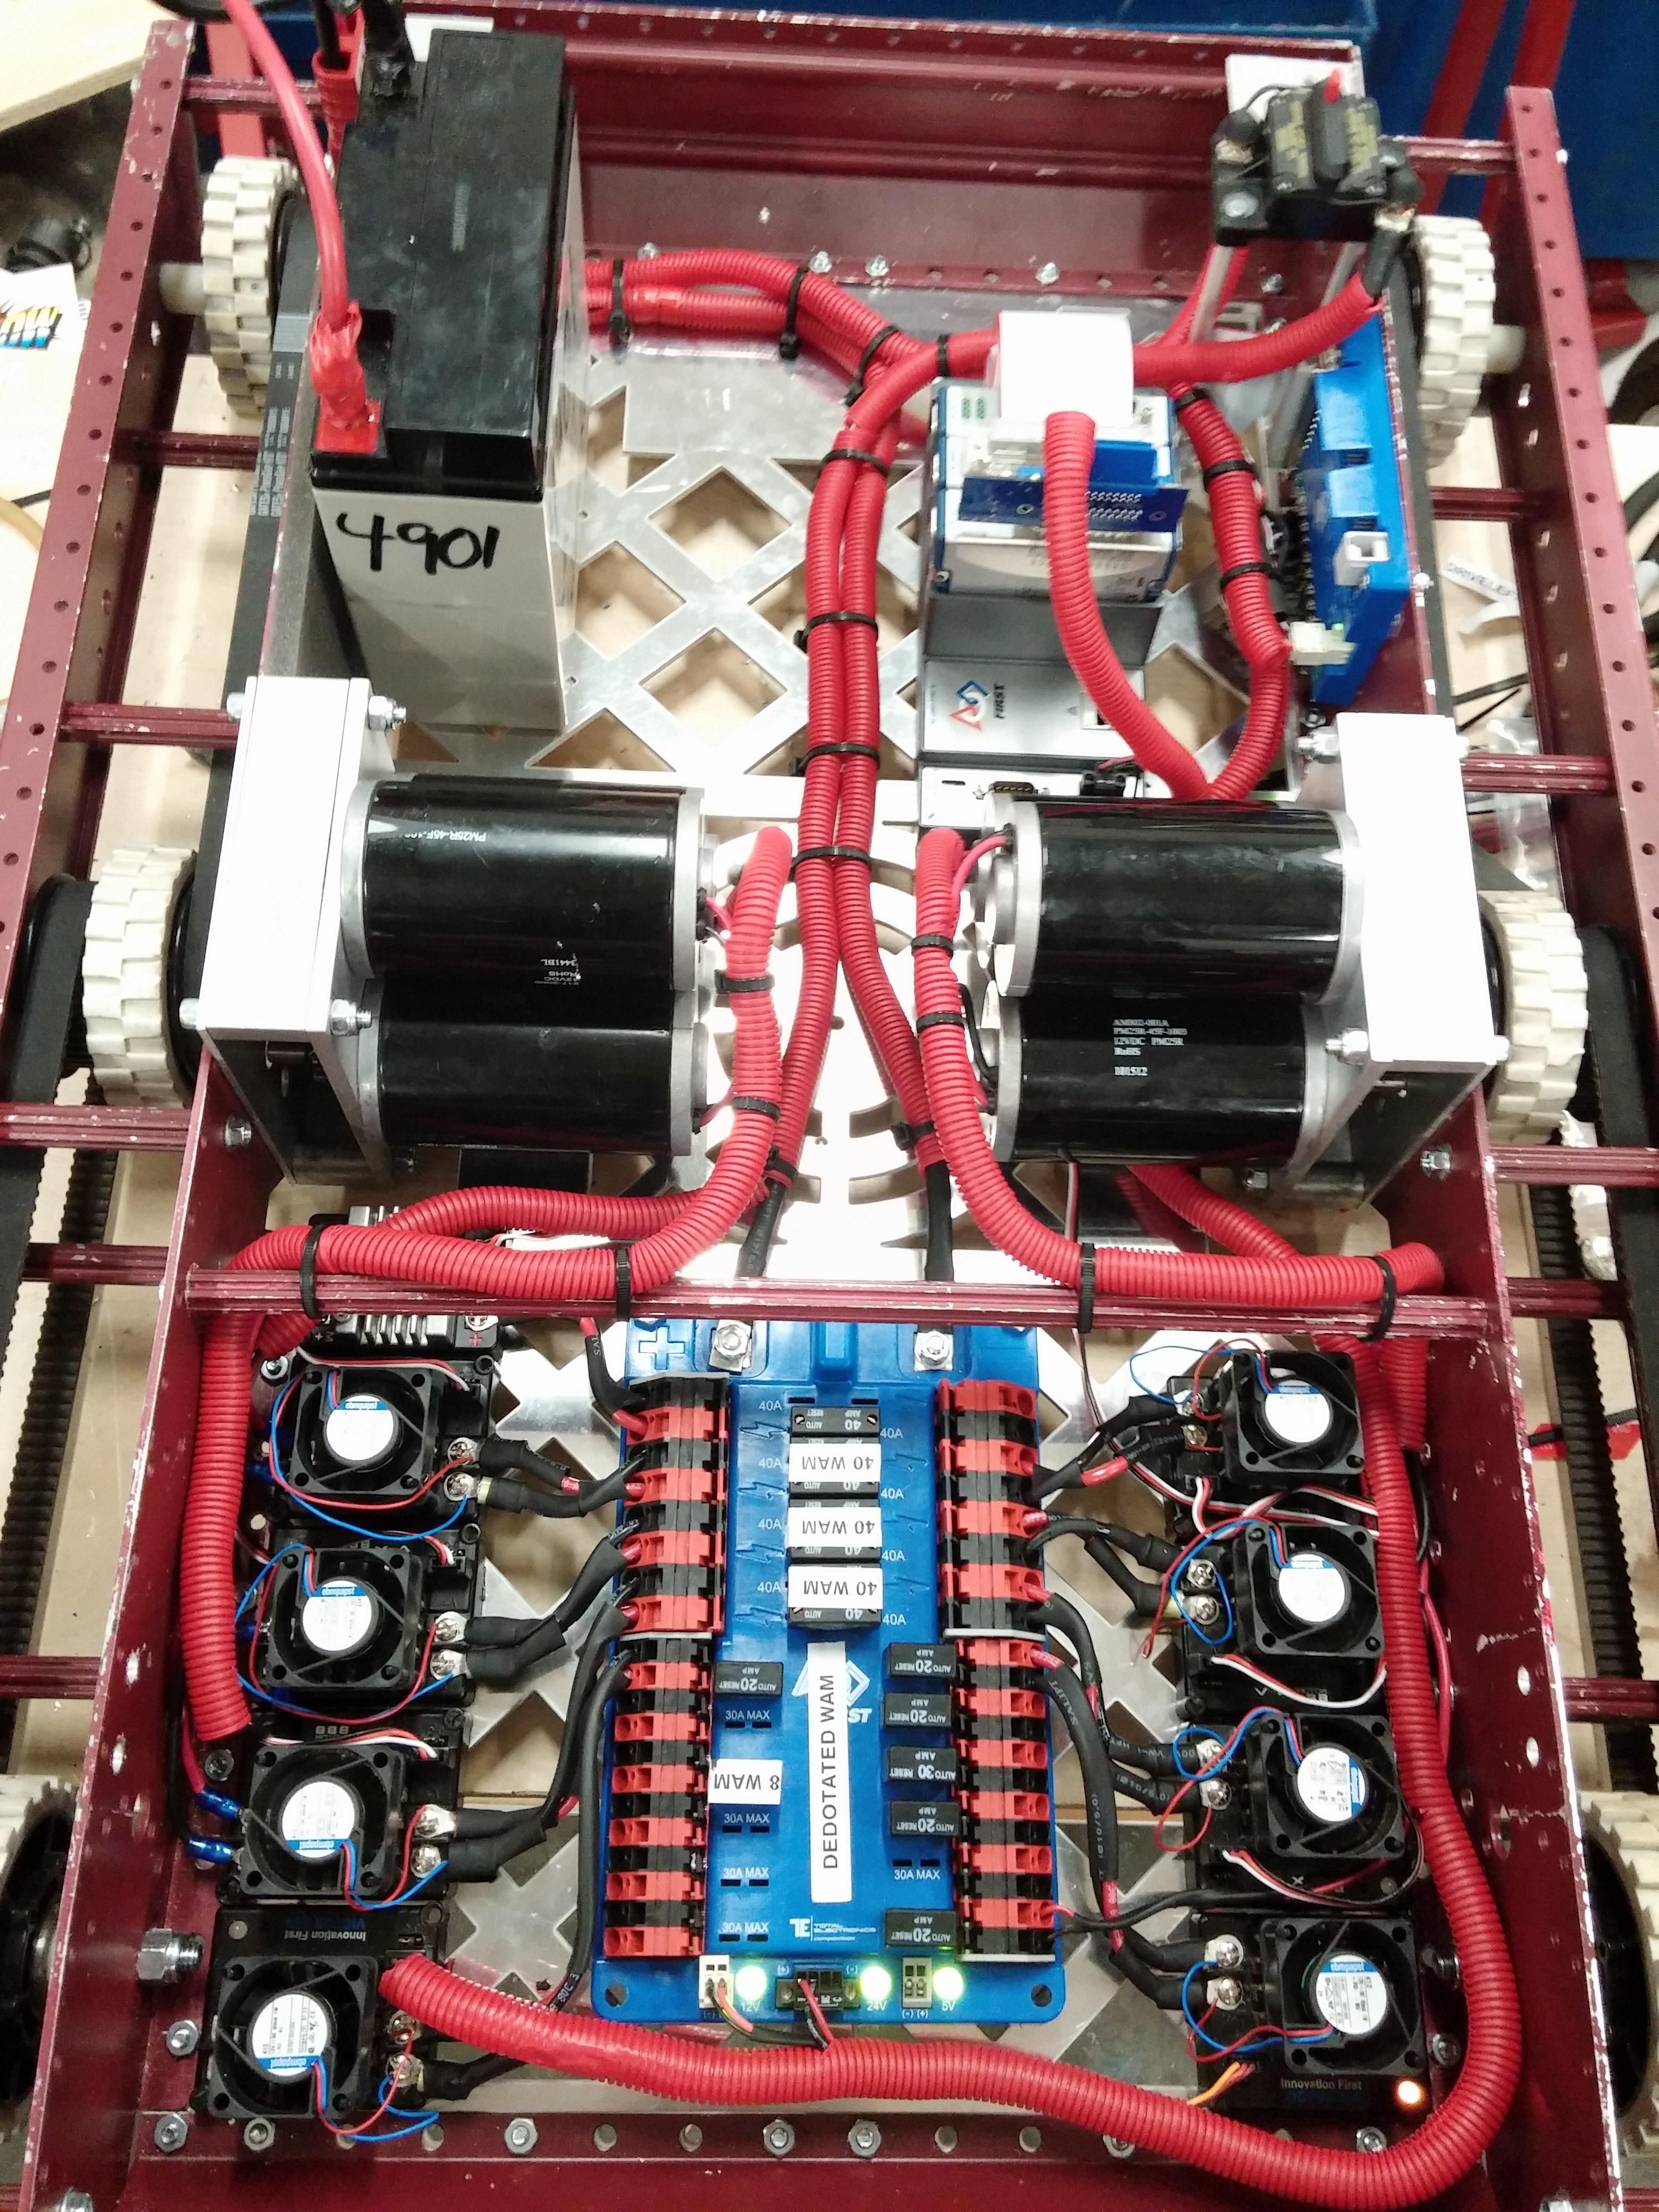 Frc Pneumatic Wiring Diagram | Wiring Diagram - Frc Wiring Diagram